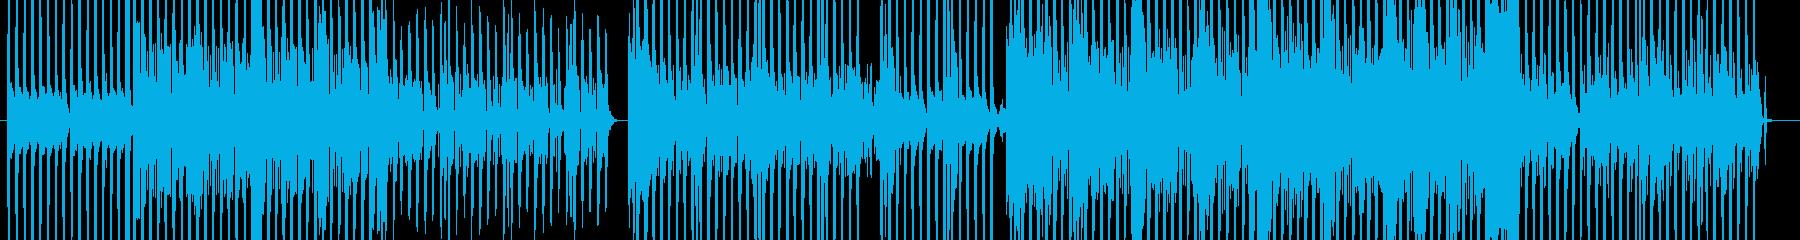 クールでかっこいいポップなダンスBGMの再生済みの波形